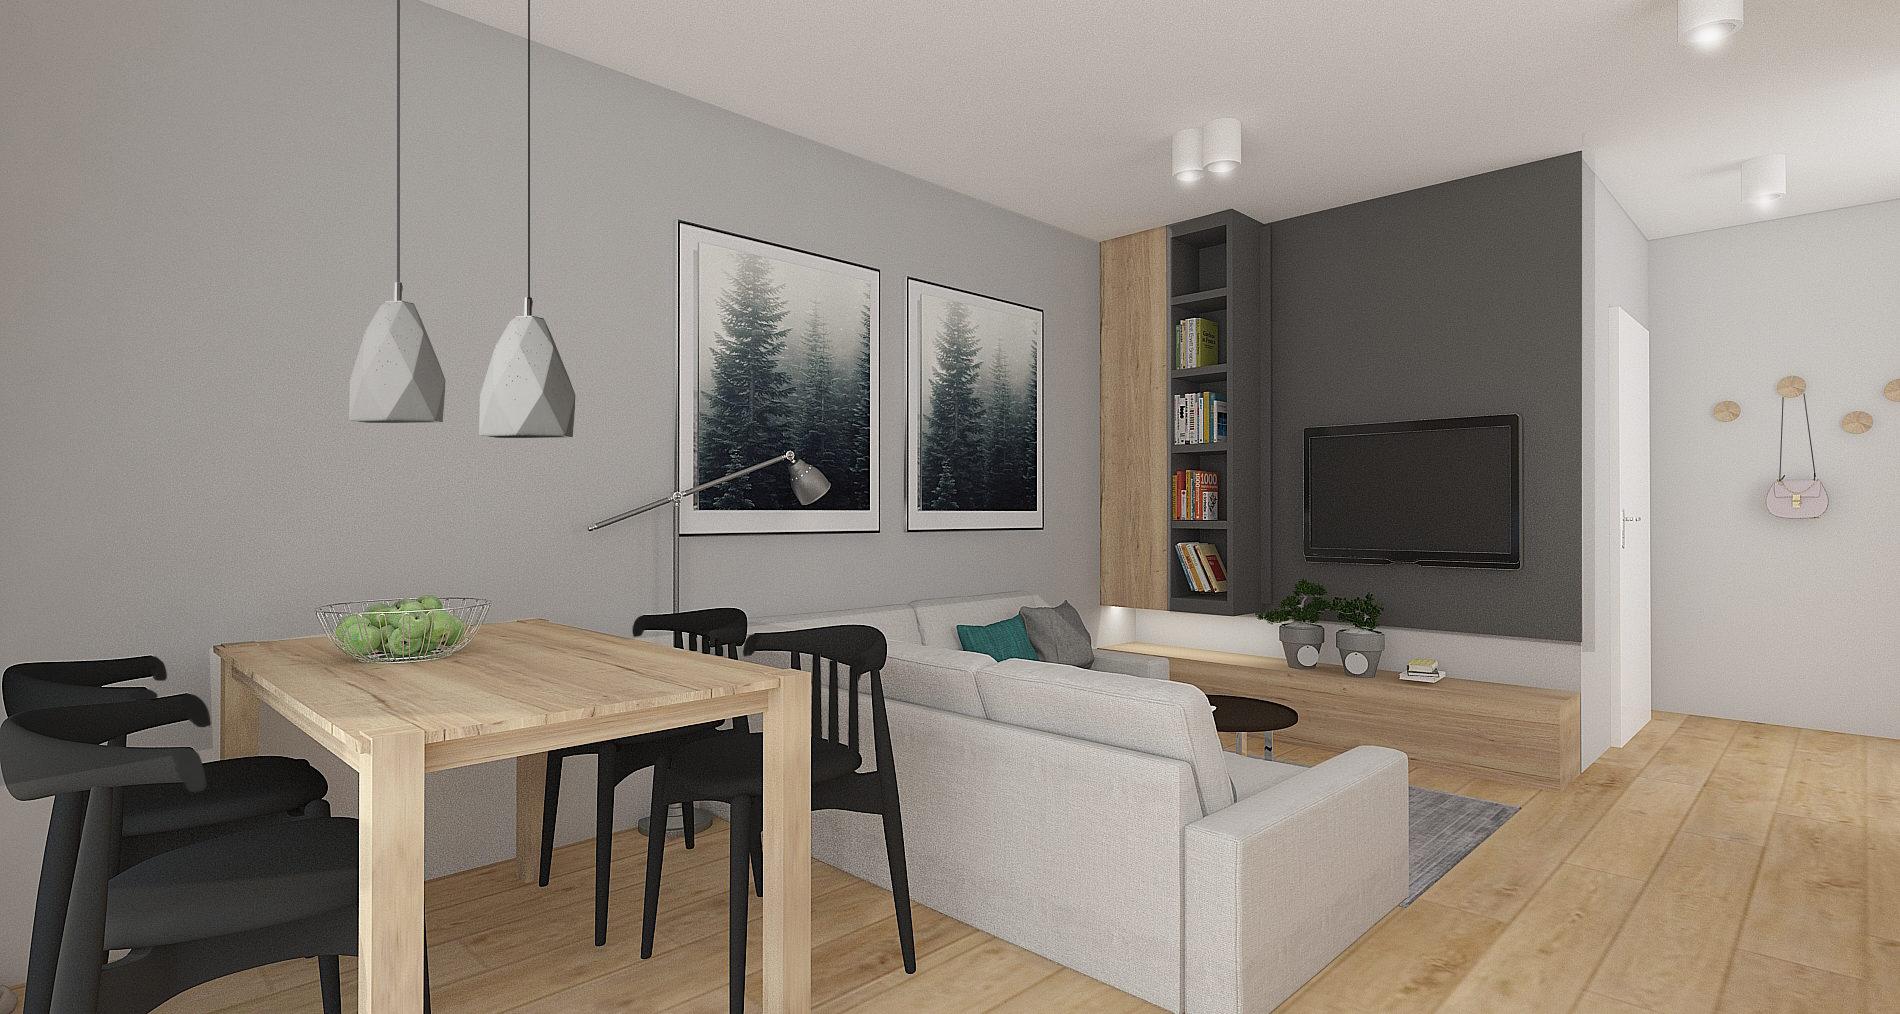 Mieszkanie gotowe do odbioru, 2 pokoje, Gdańsk ul. Flisykowskiego - 43,30 m2